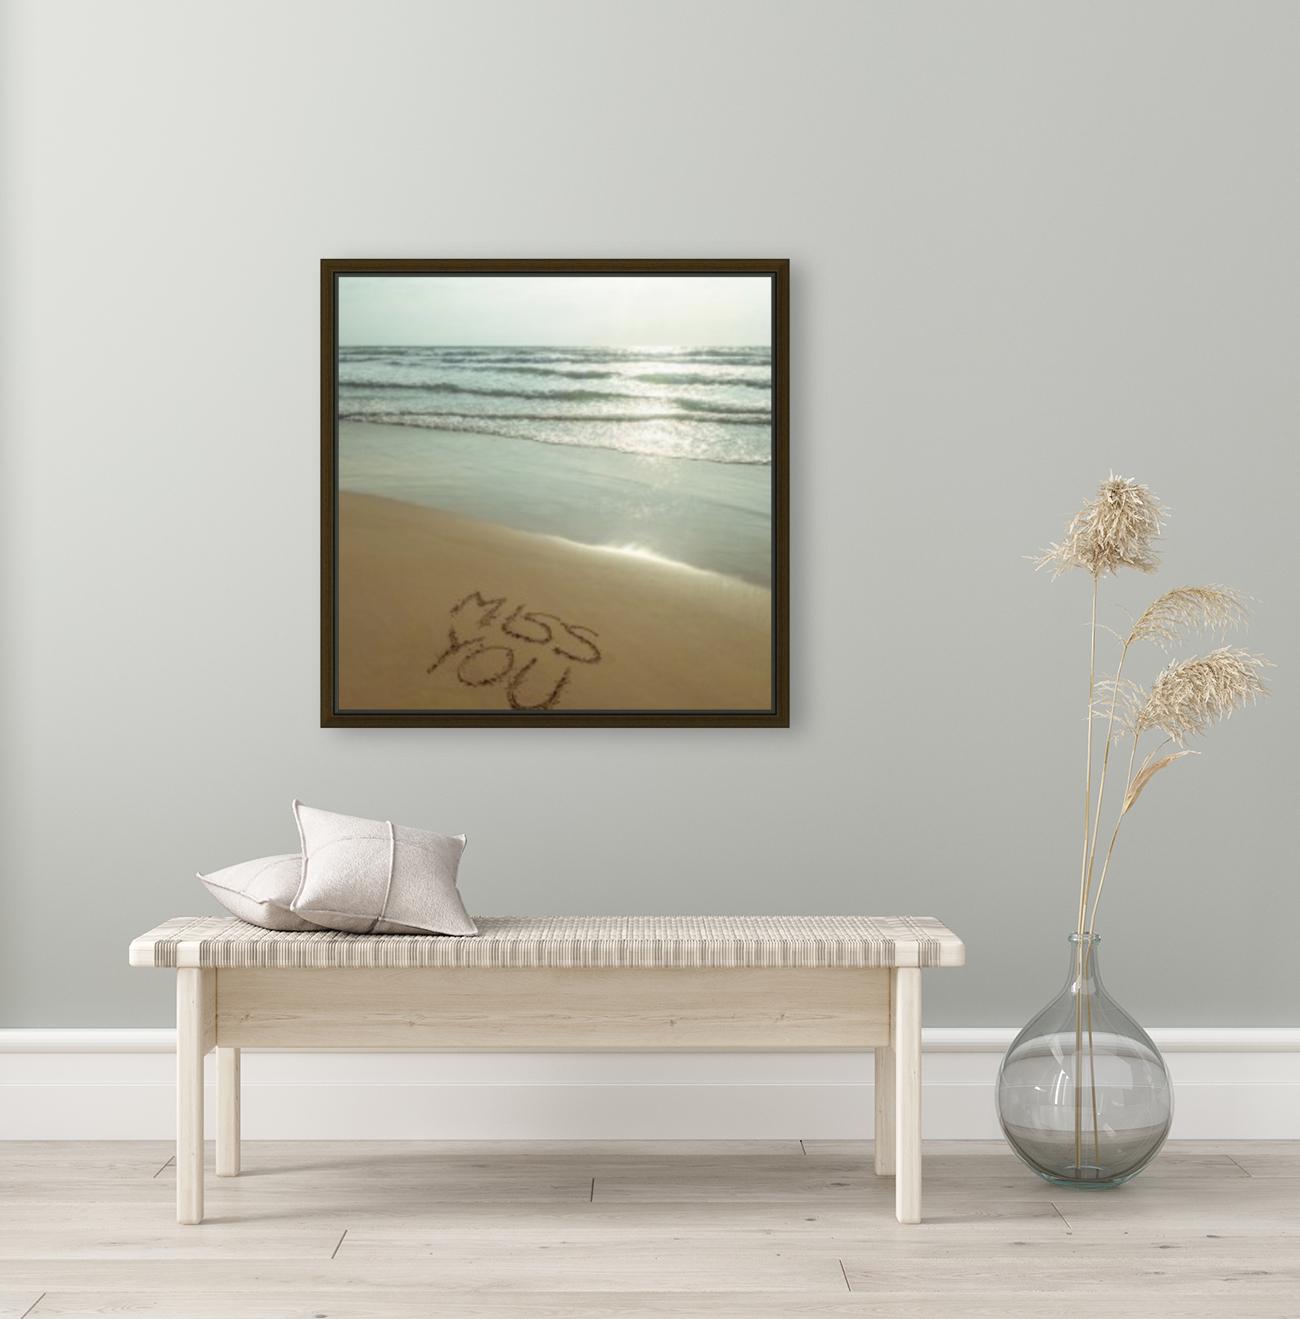 Miss You written on the beach  Art